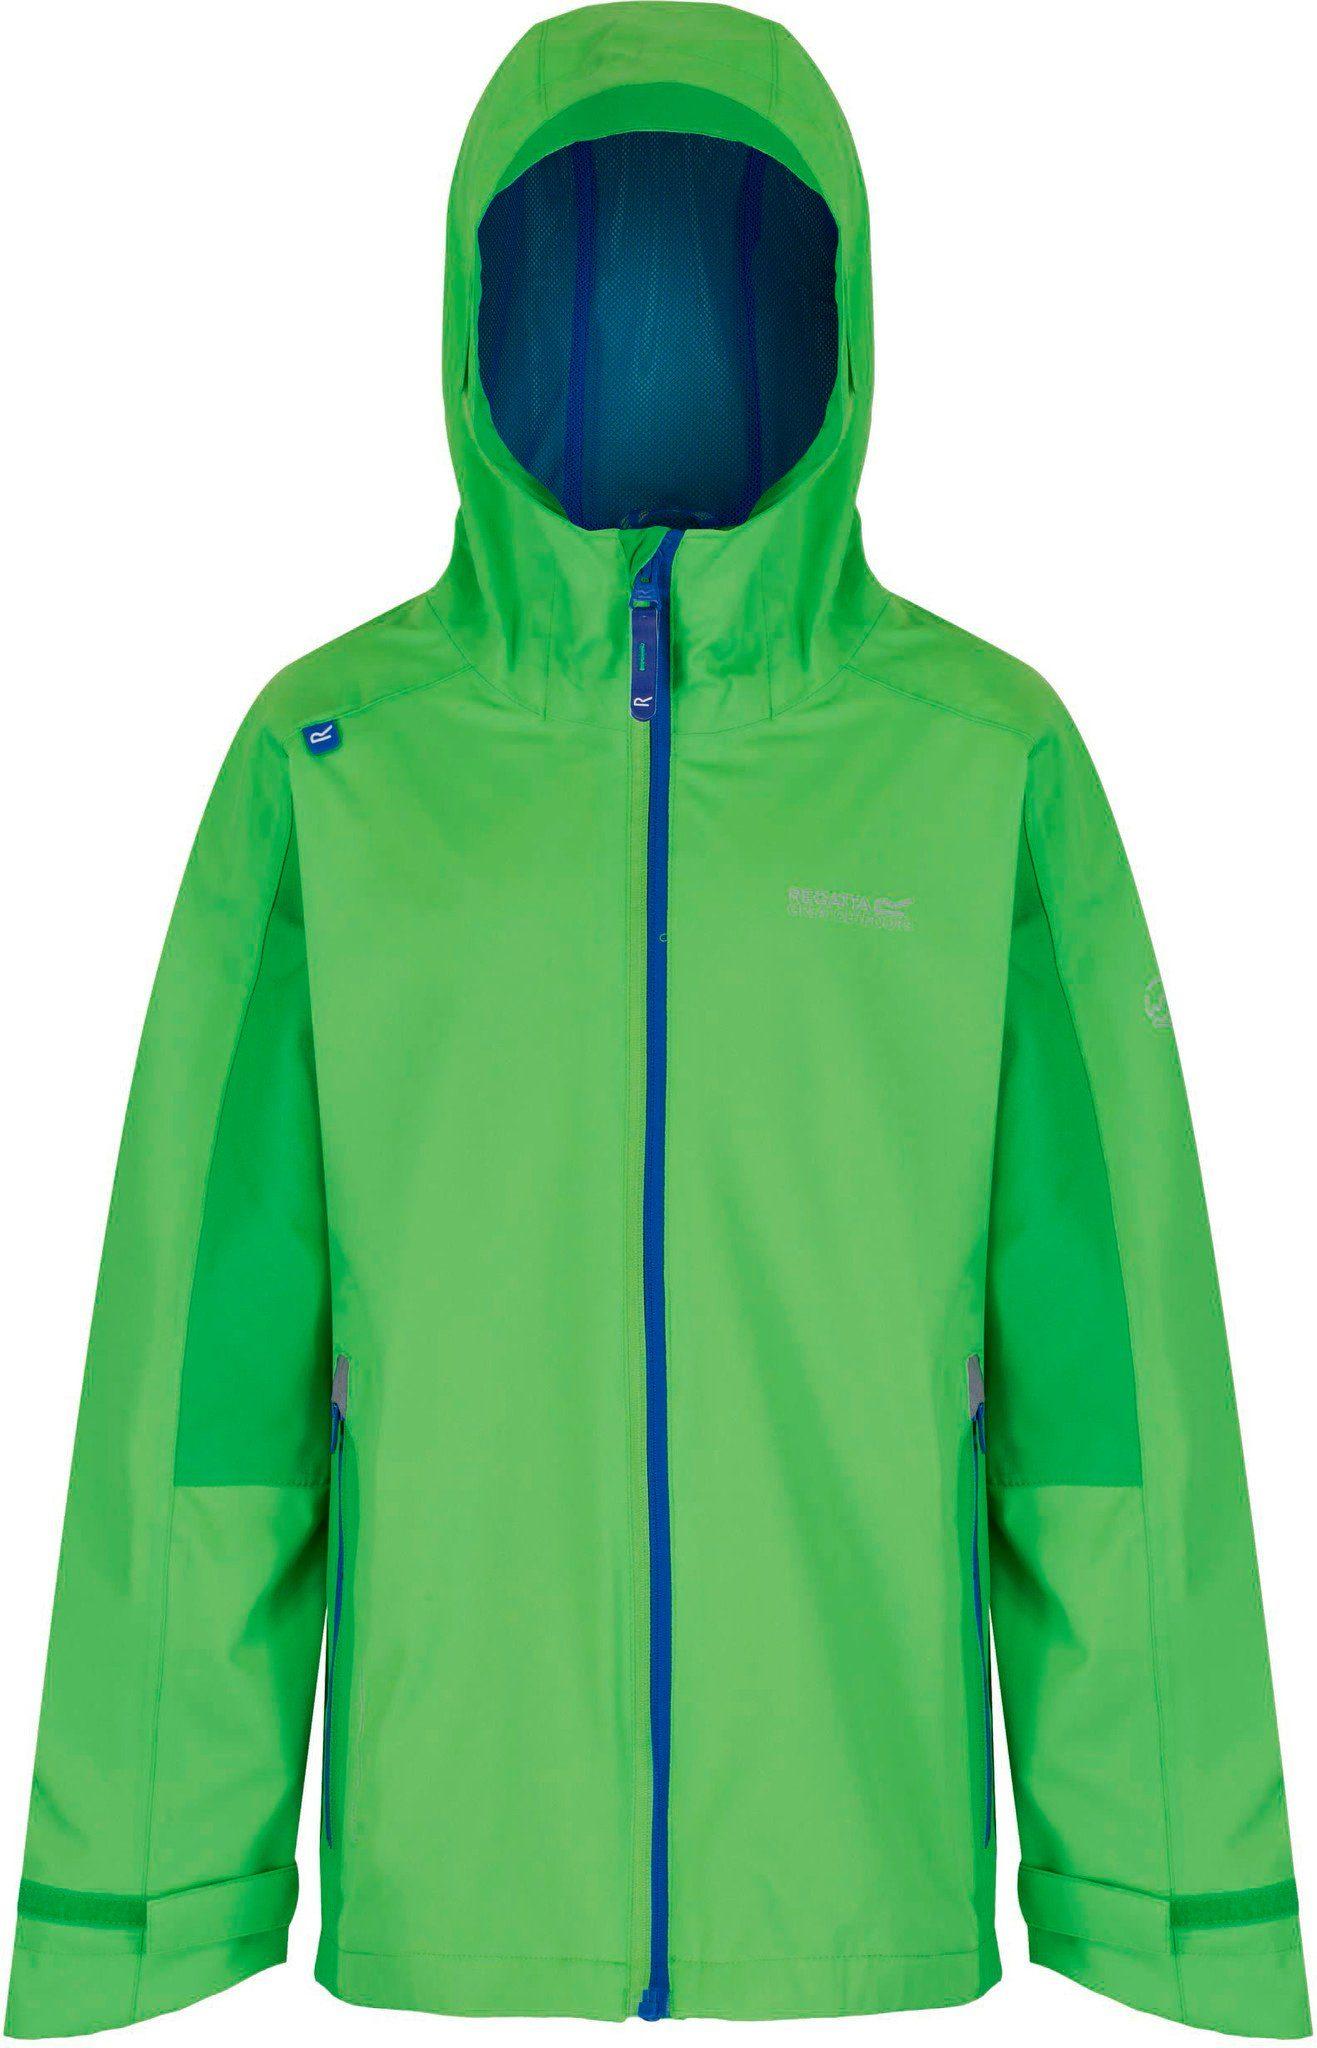 Regatta Outdoorjacke »Hipoint Stretch II Jacket Kids Waterproof«